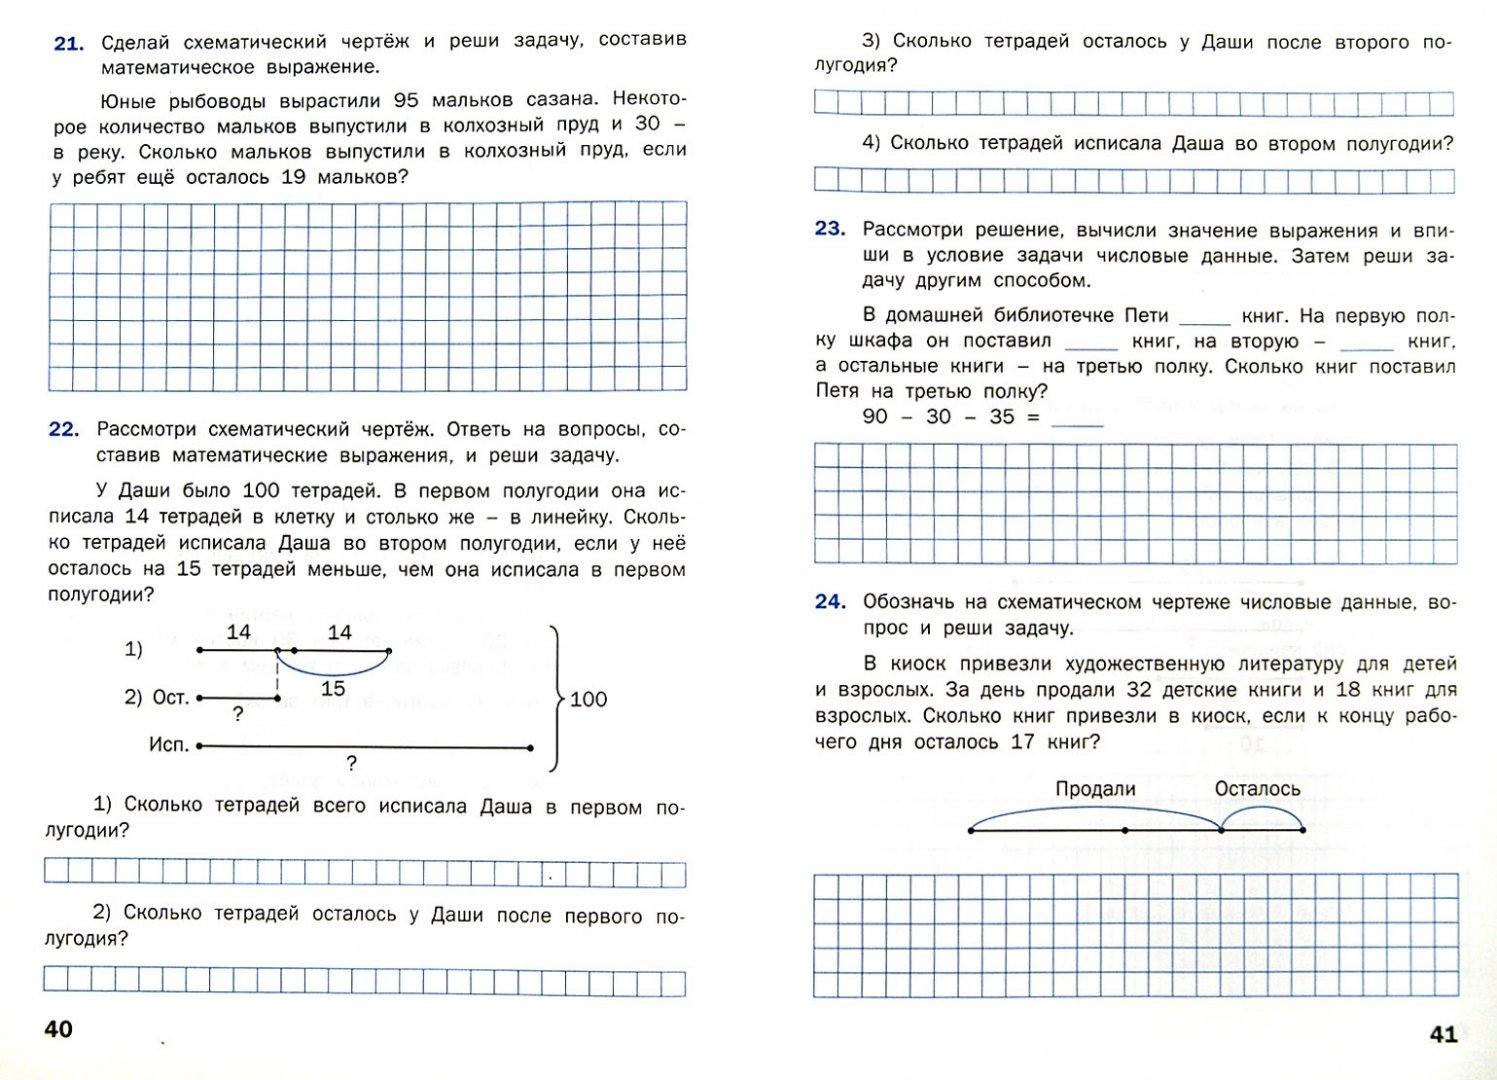 Решение задач по математике 2 класс фгос решение задач методом активного двухполюсника